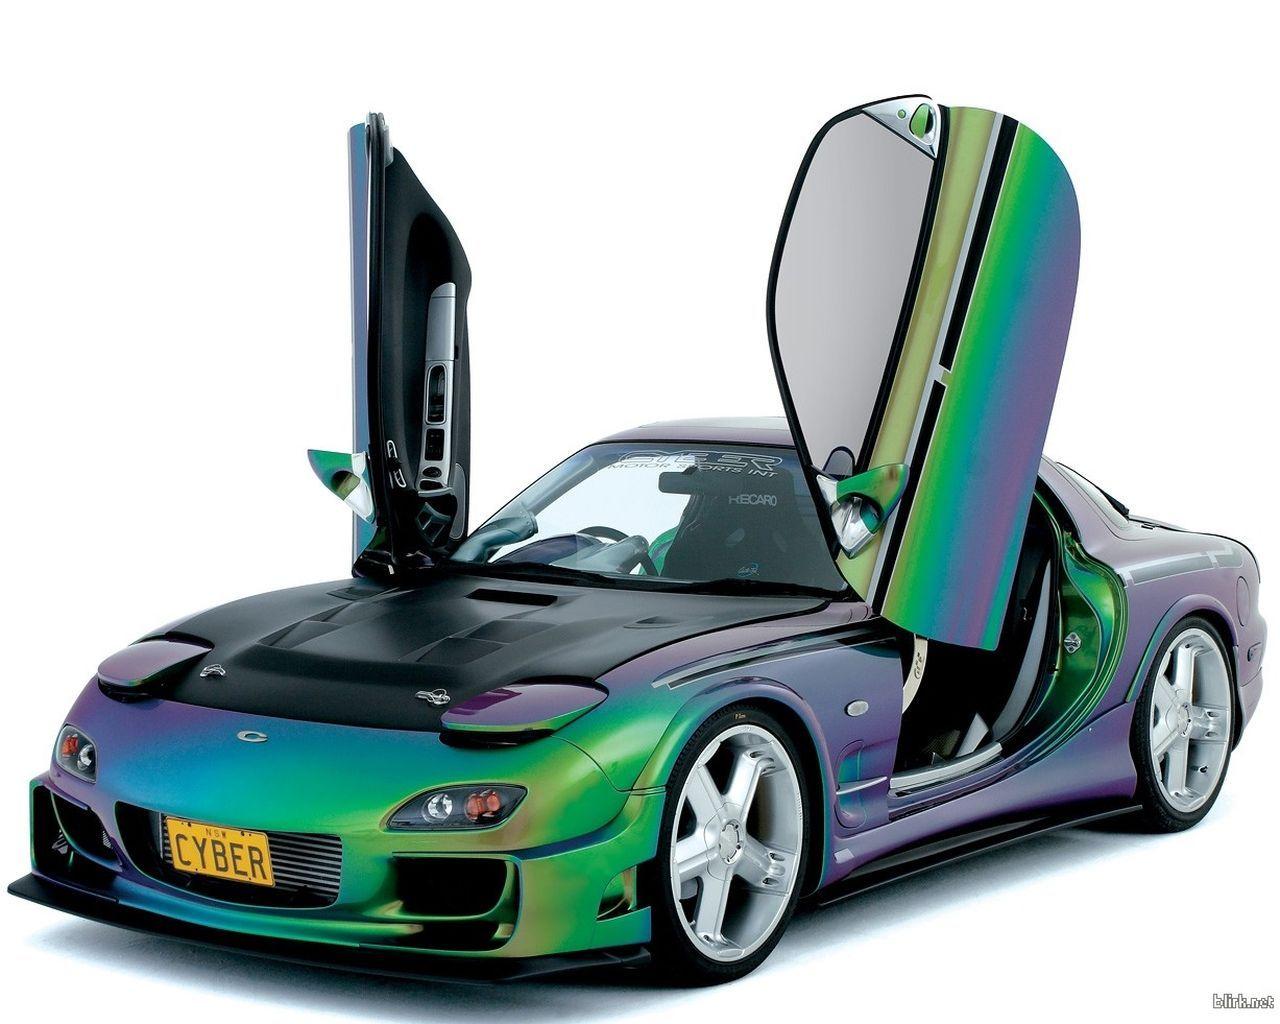 Chameleon paint job holographic car car paint jobs